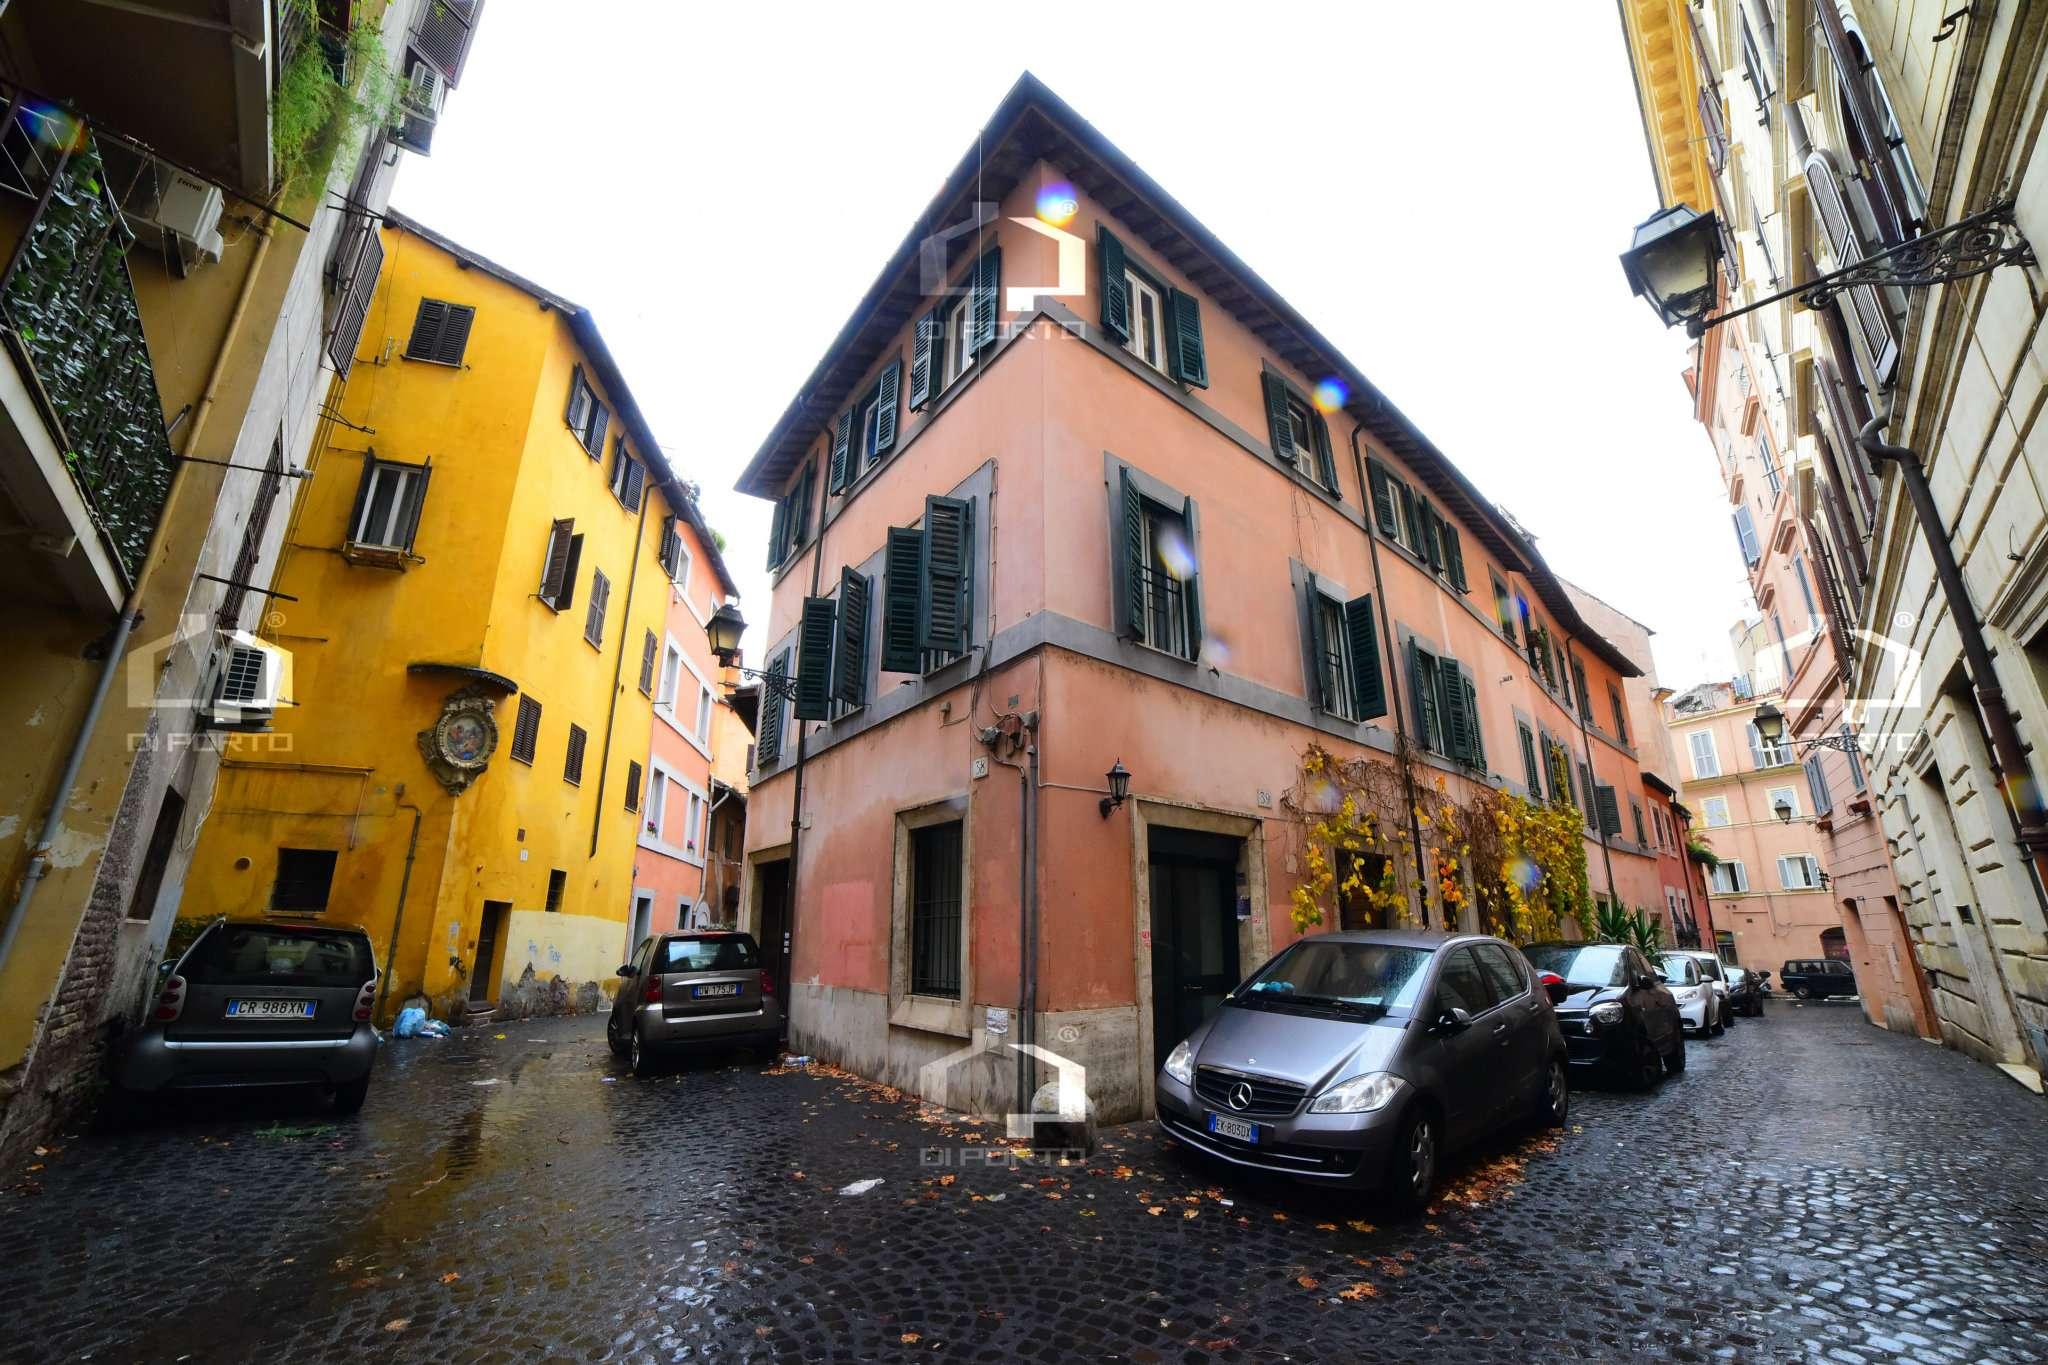 Bilocale vendita roma zona centro storico for Vendita appartamenti centro storico roma